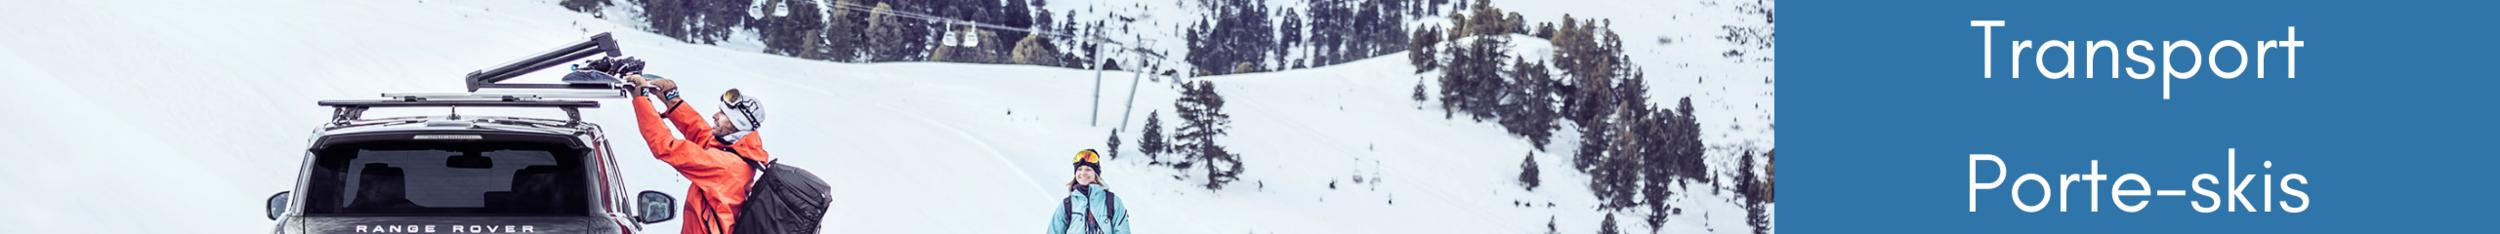 PADL-CATEGORIES-BANNIERES-porte-skis